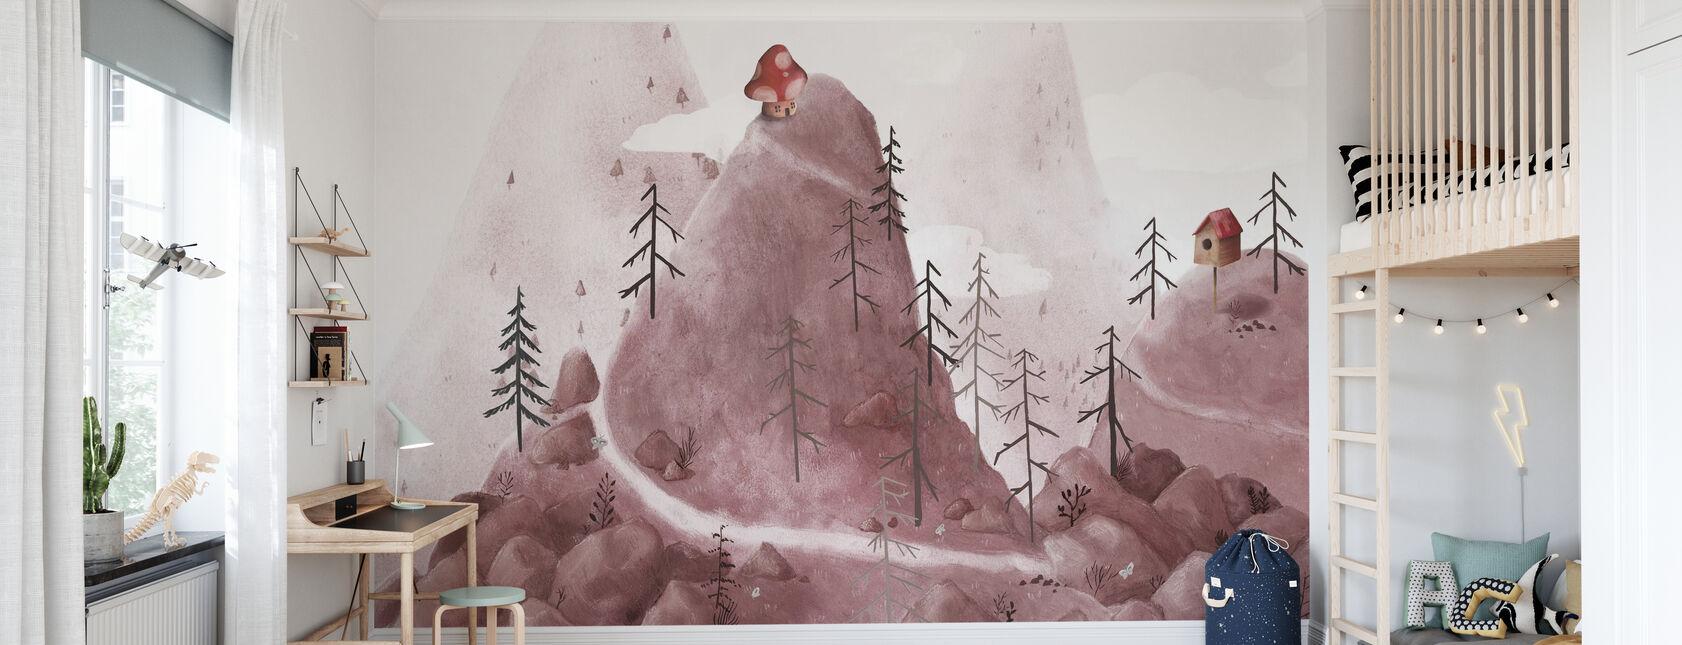 Birdhouse Fantasy Góry - Tapeta - Pokój dziecięcy